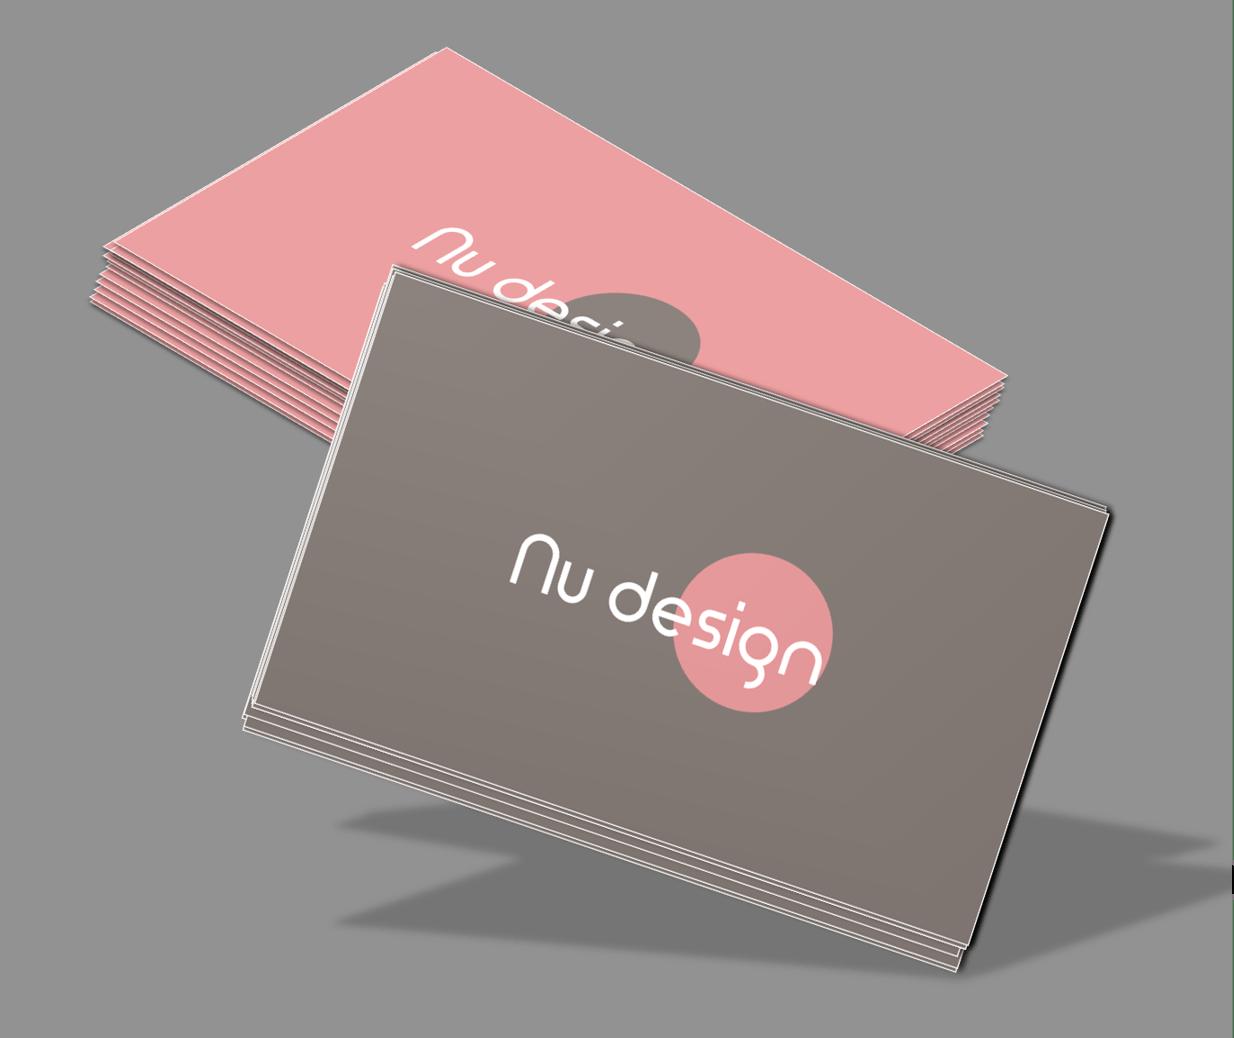 Interior decor business cards